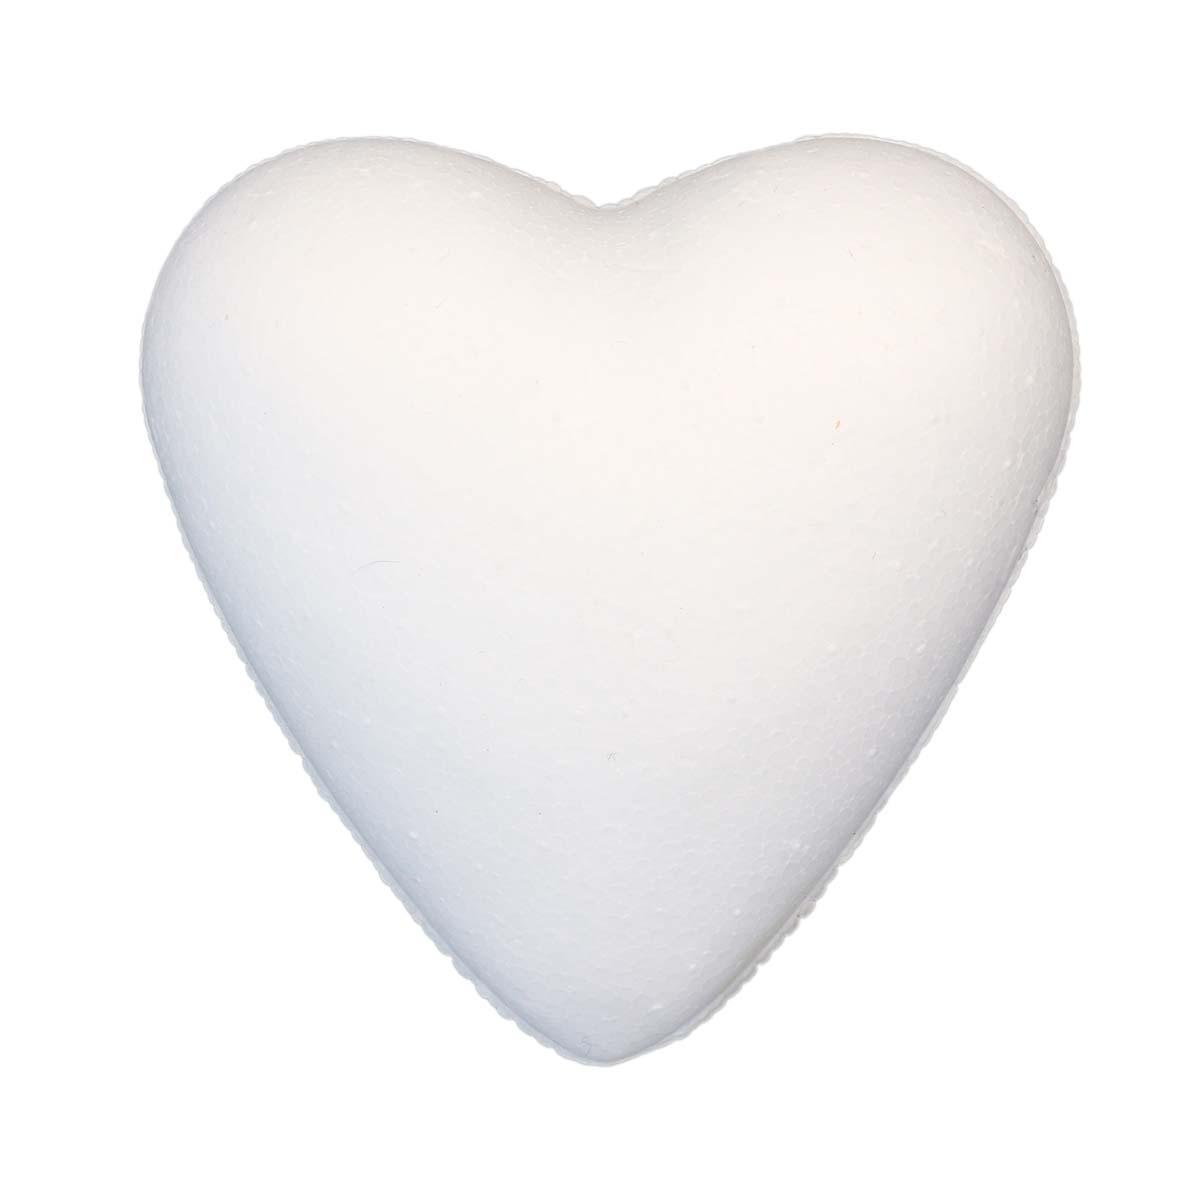 Заготовка для декорирования из пенопласта 'Сердце полное', 7см, 2 шт/упак, Астра